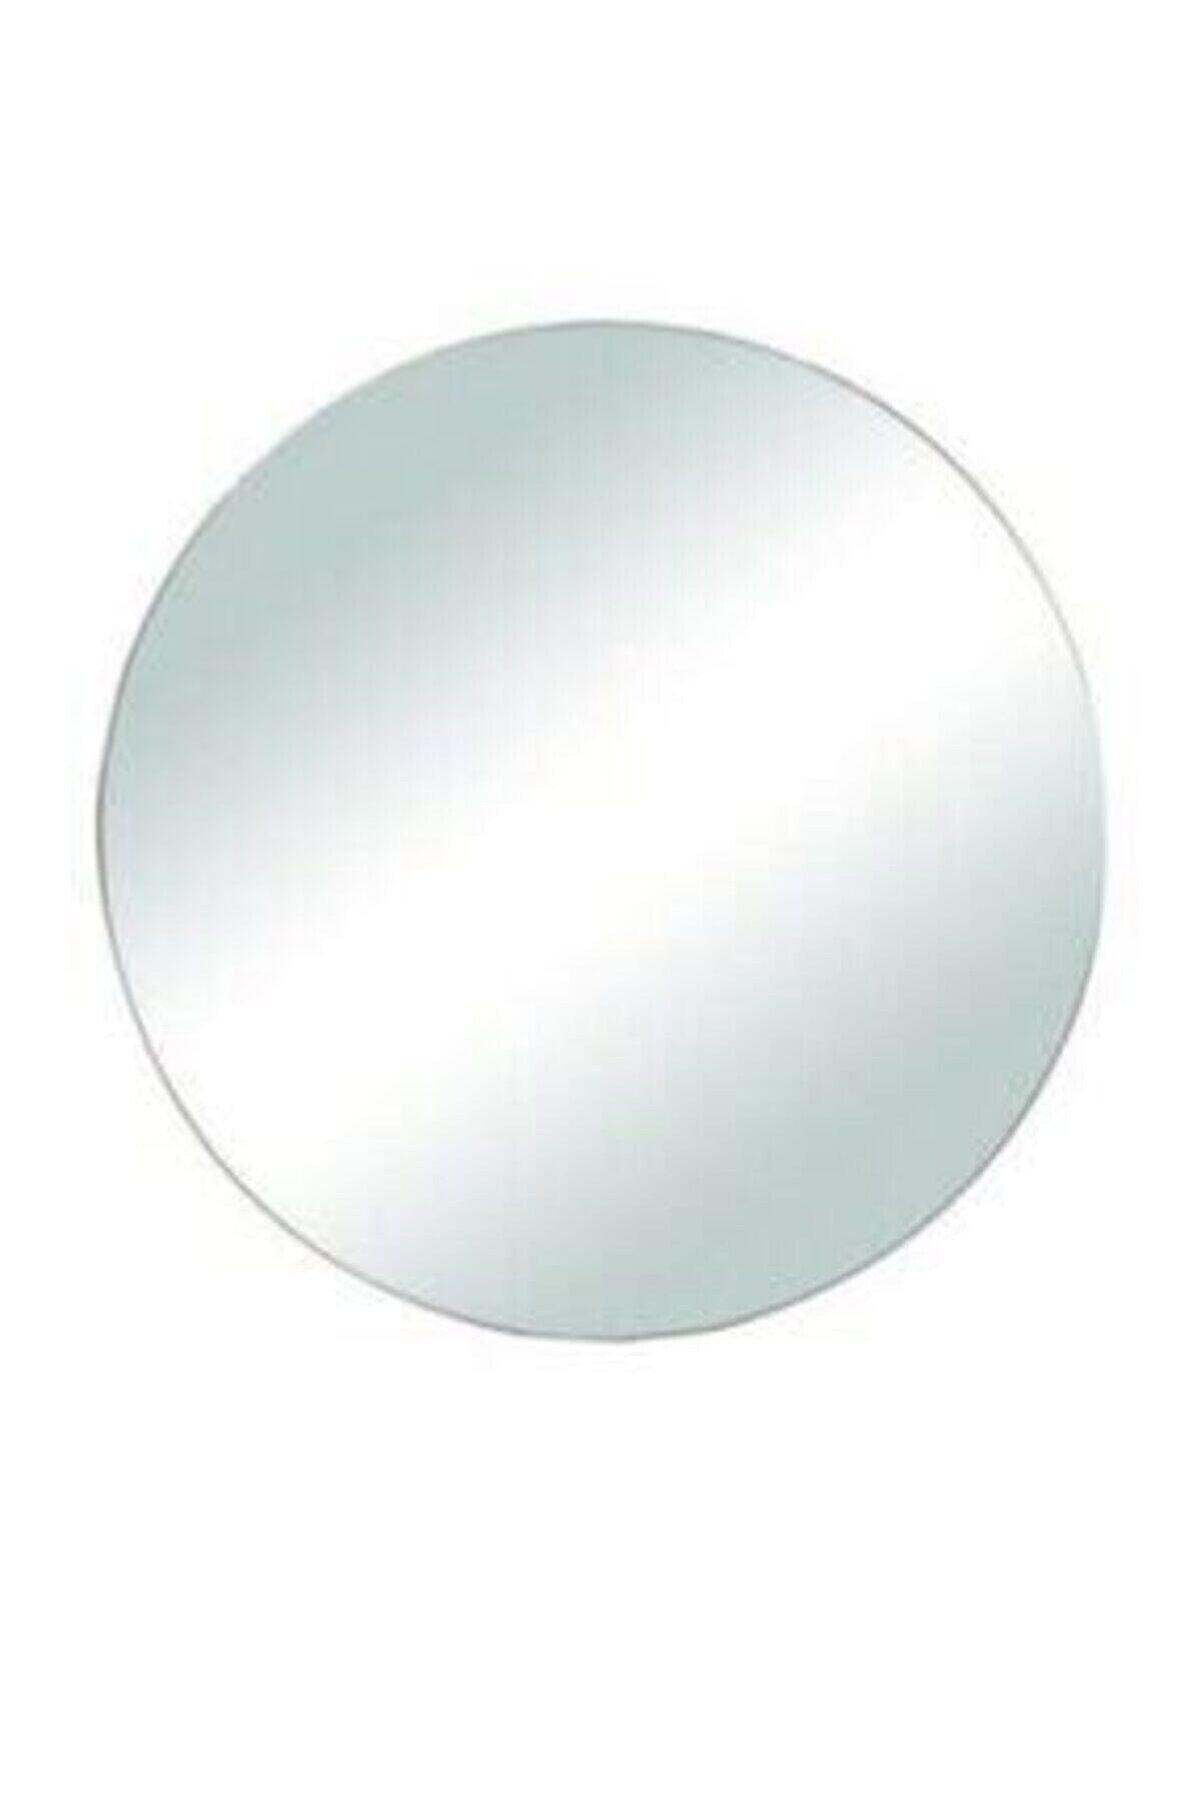 Neşeli Accessories Yuvarlak Çerçevesiz Dekoratif Ayna 23 Cm